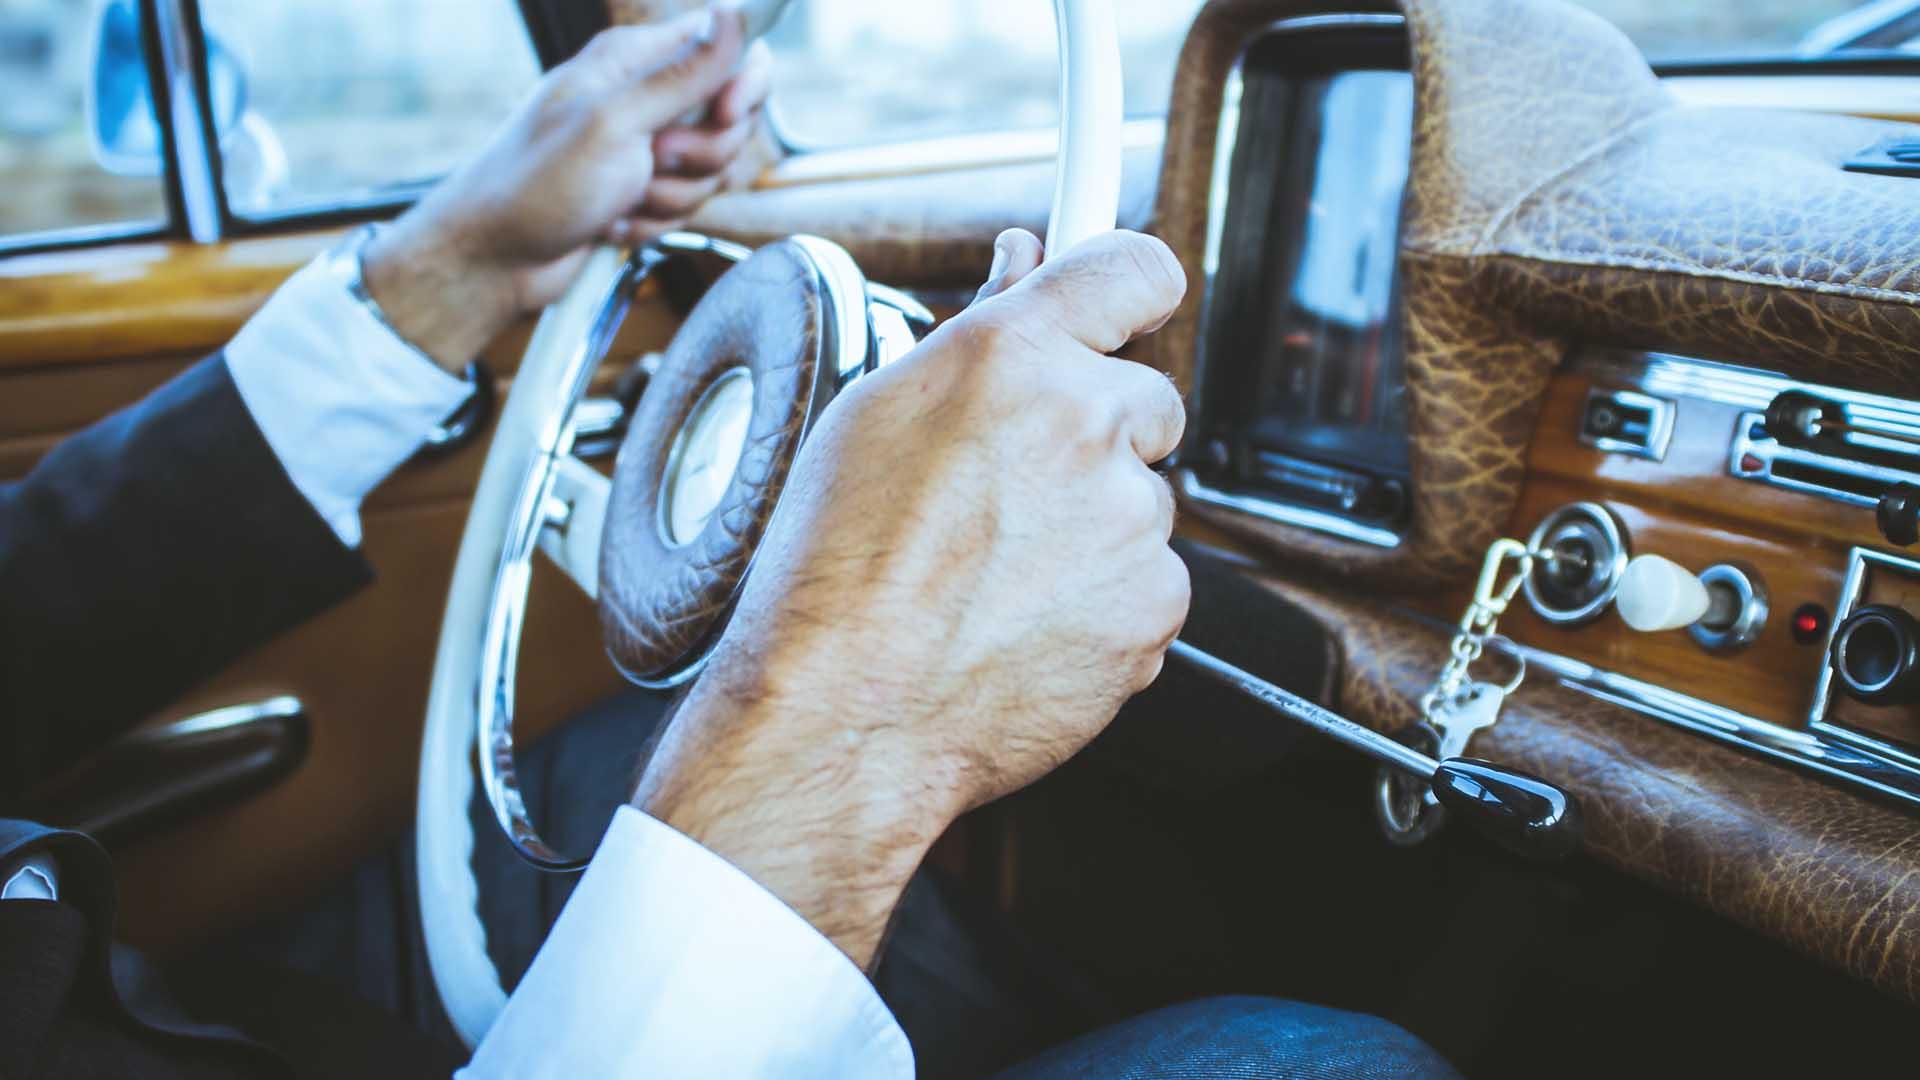 La macchina da semplice veicolo divenne un vero e proprio ambiente di vita